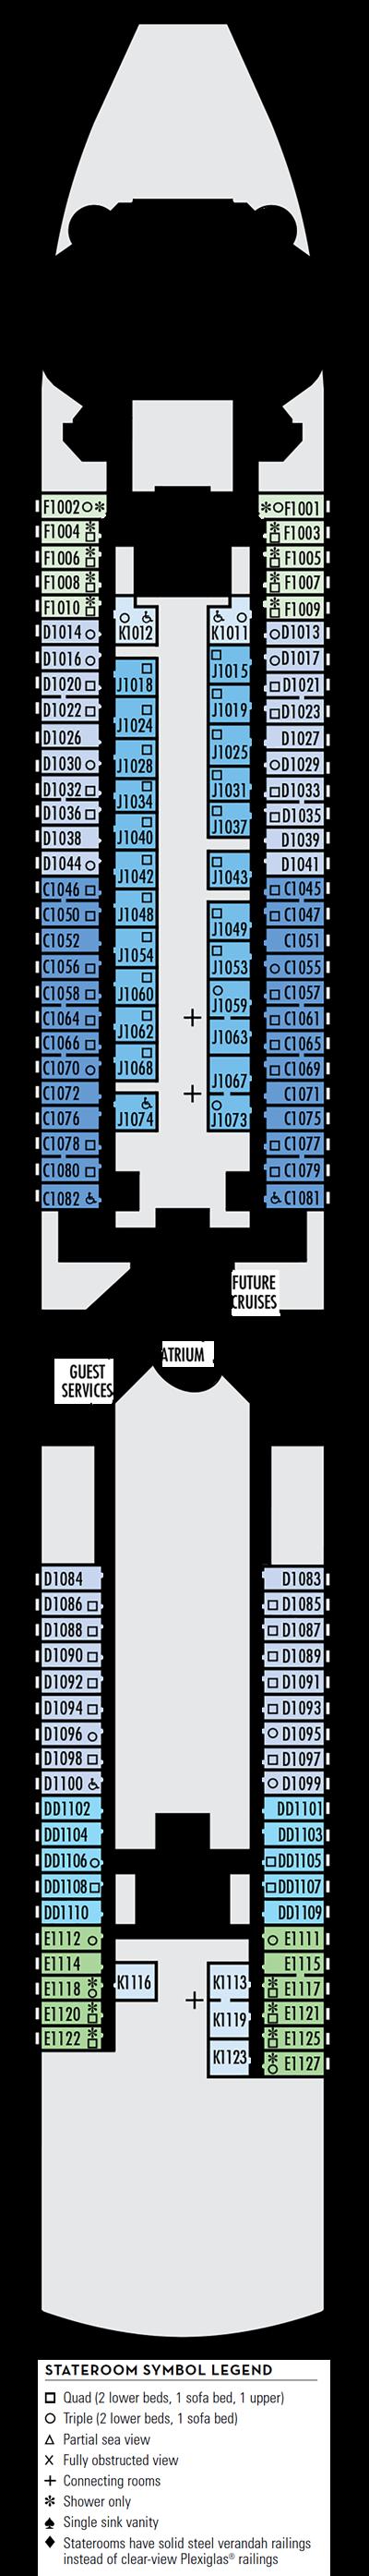 Deck 1 - HAL's Noordam